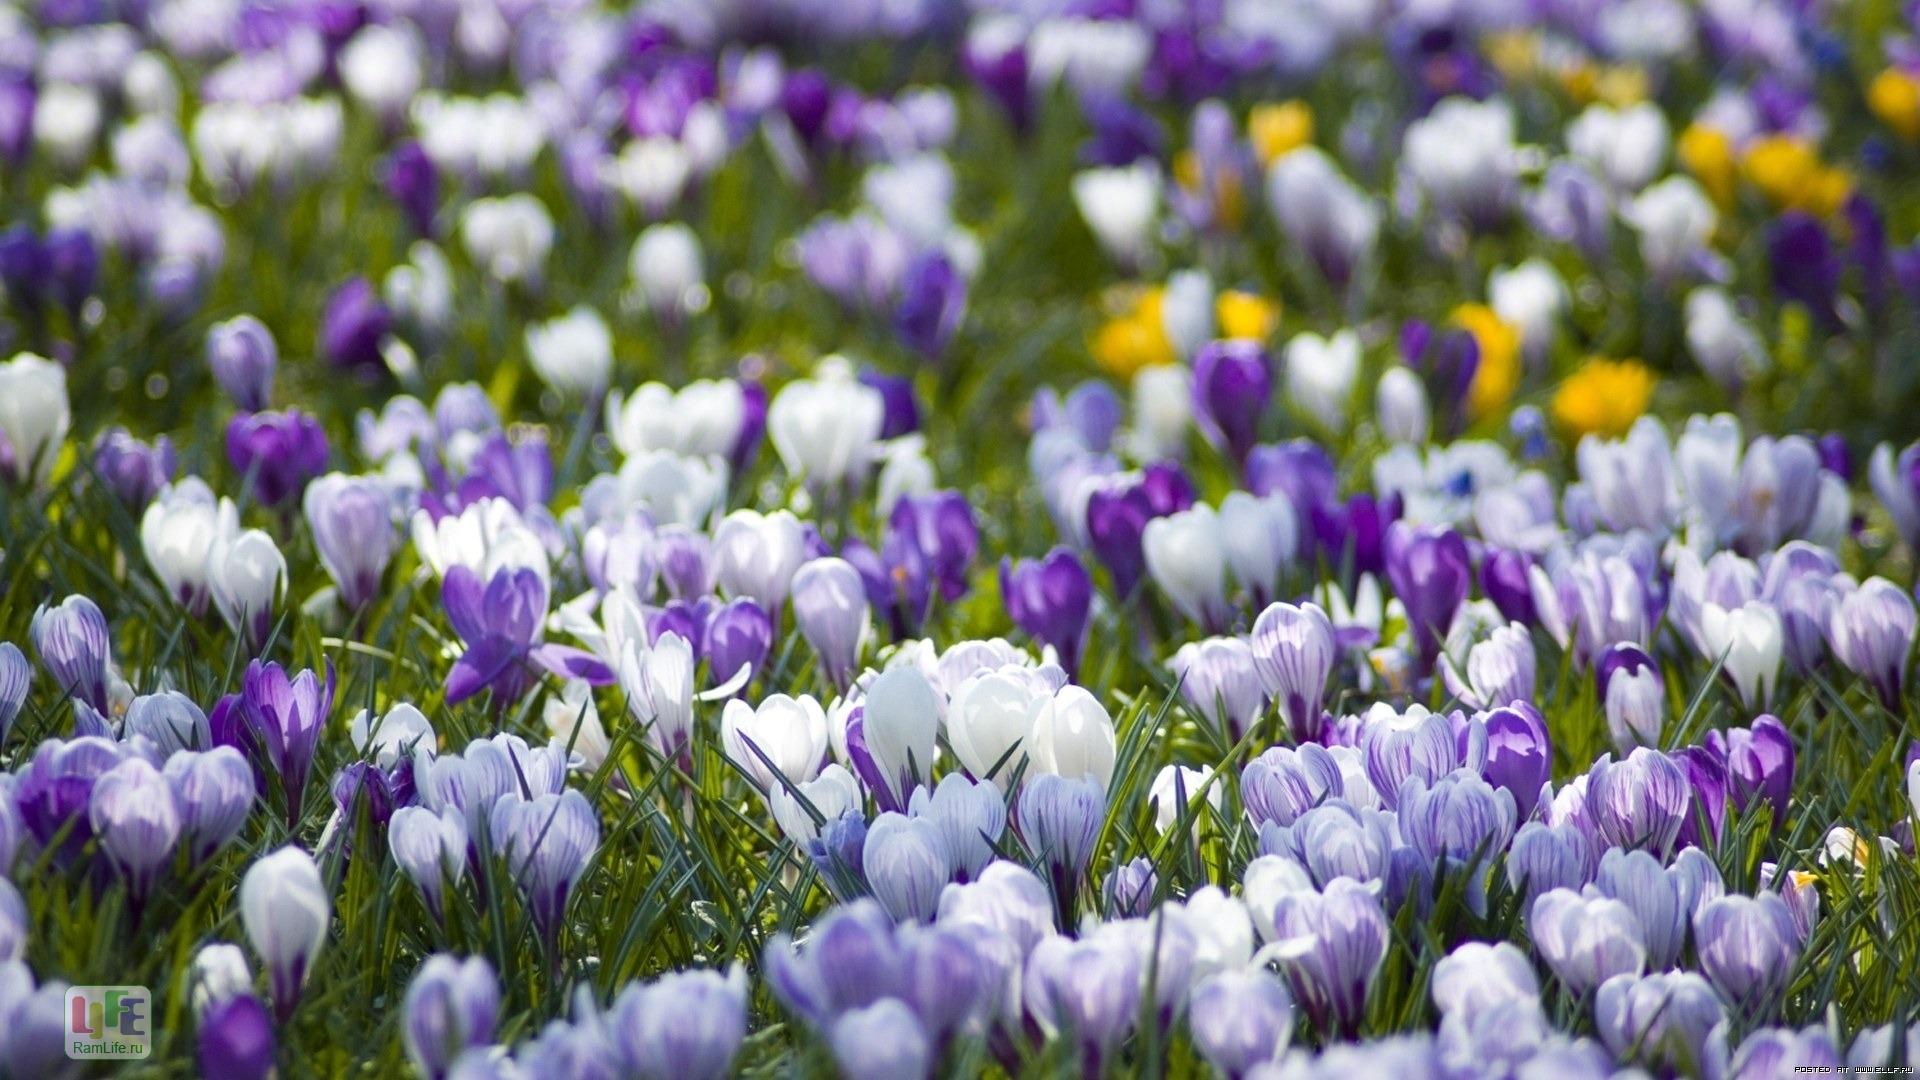 Весна пришла картинки на dom-cvety.com | 1080x1920